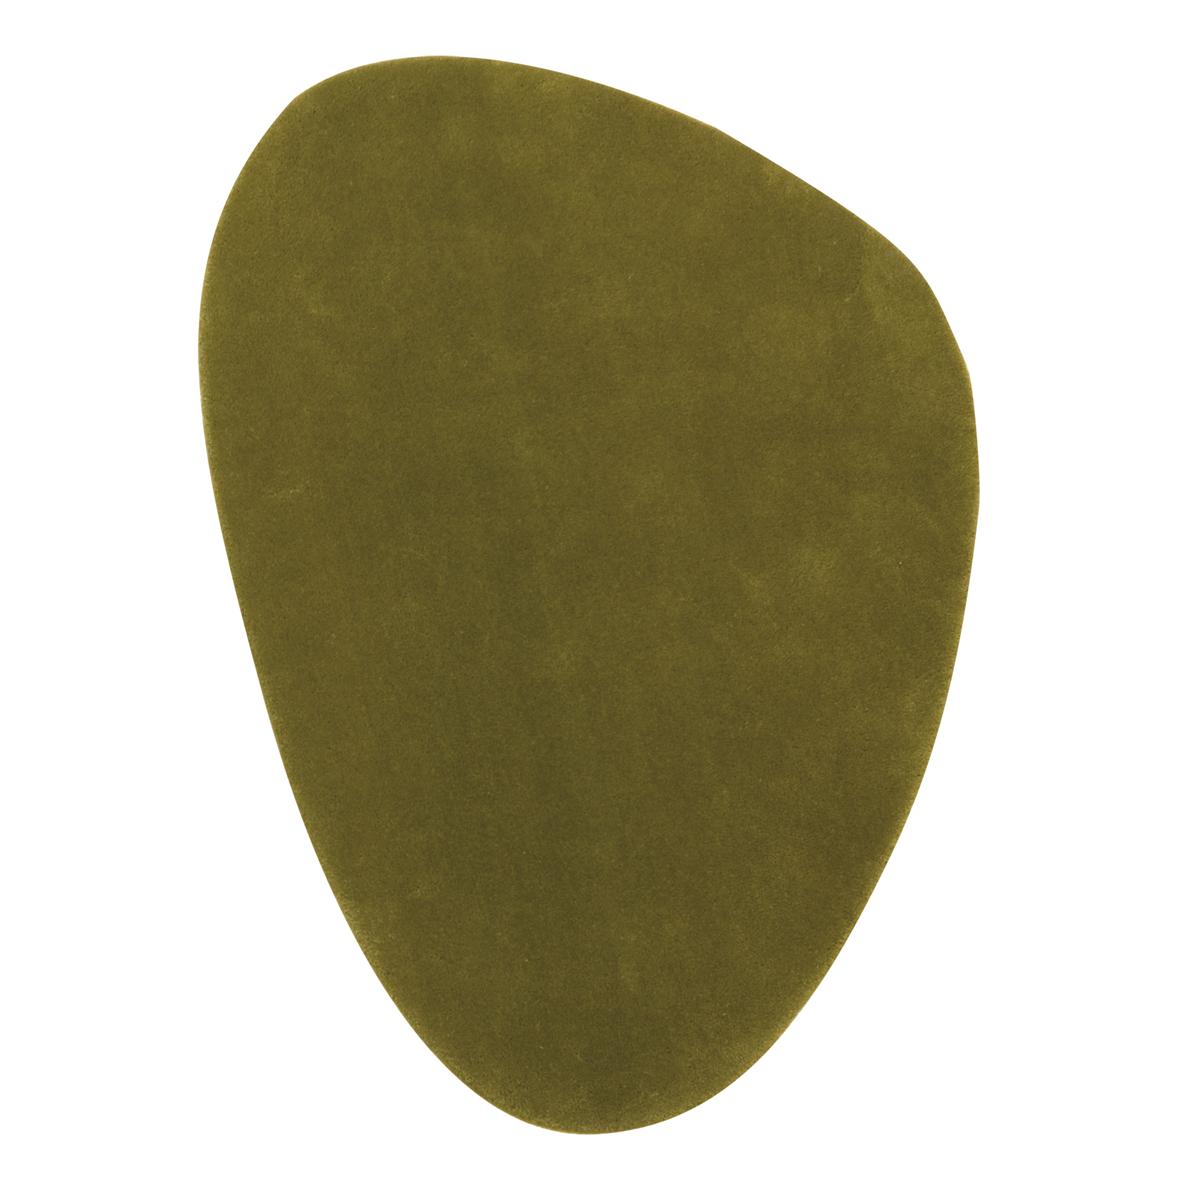 Calder 03 Verde oliva - на 360.ru: цены, описание, характеристики, где купить в Москве.